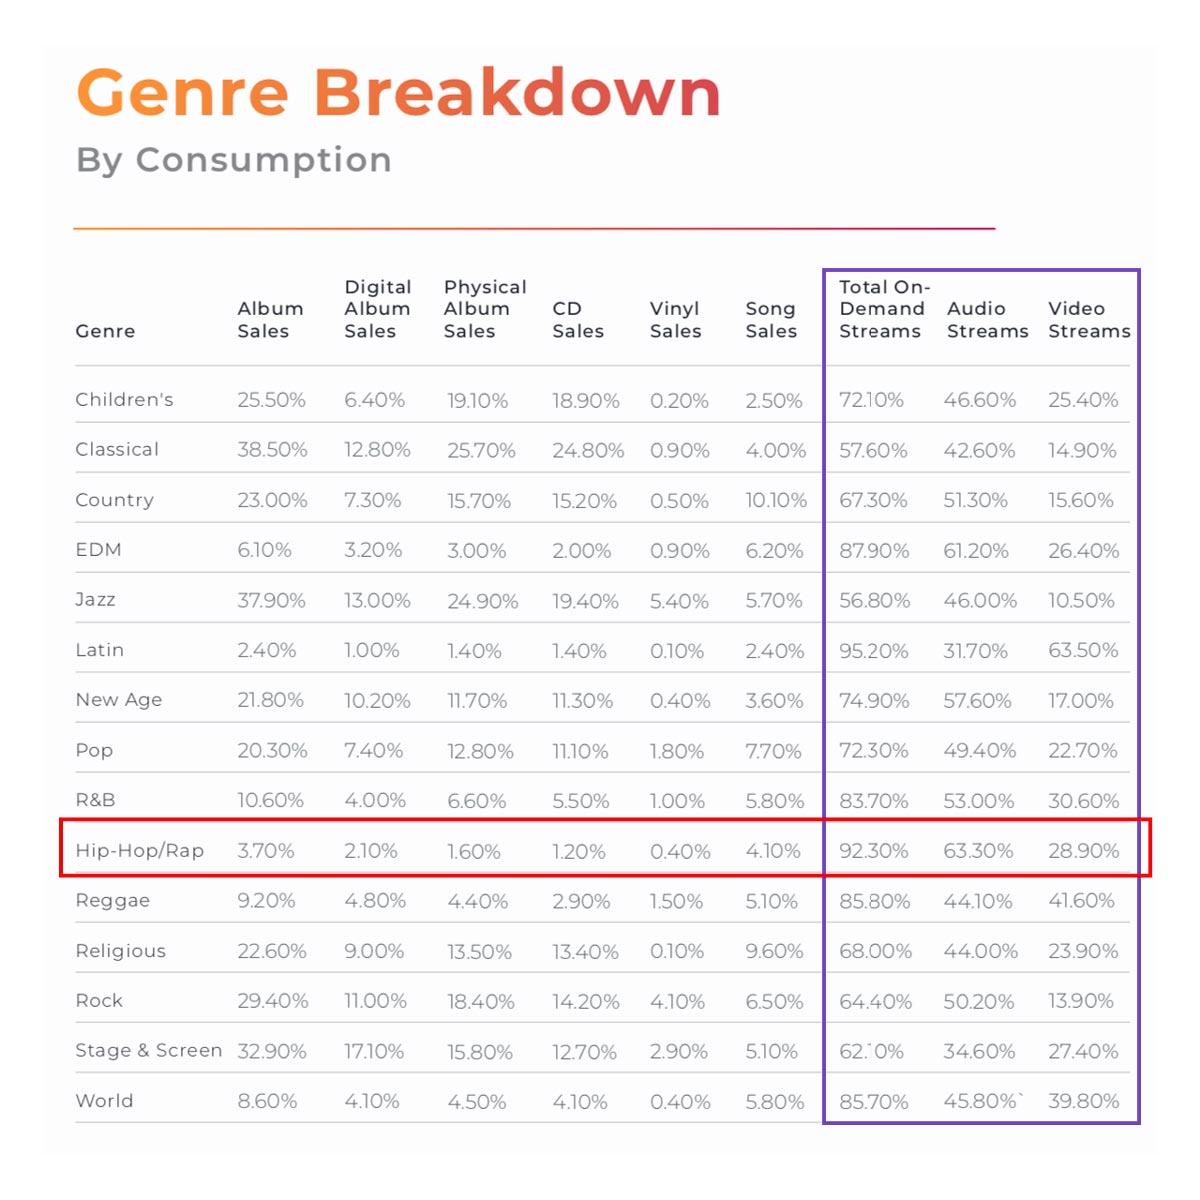 Genre Breakdown